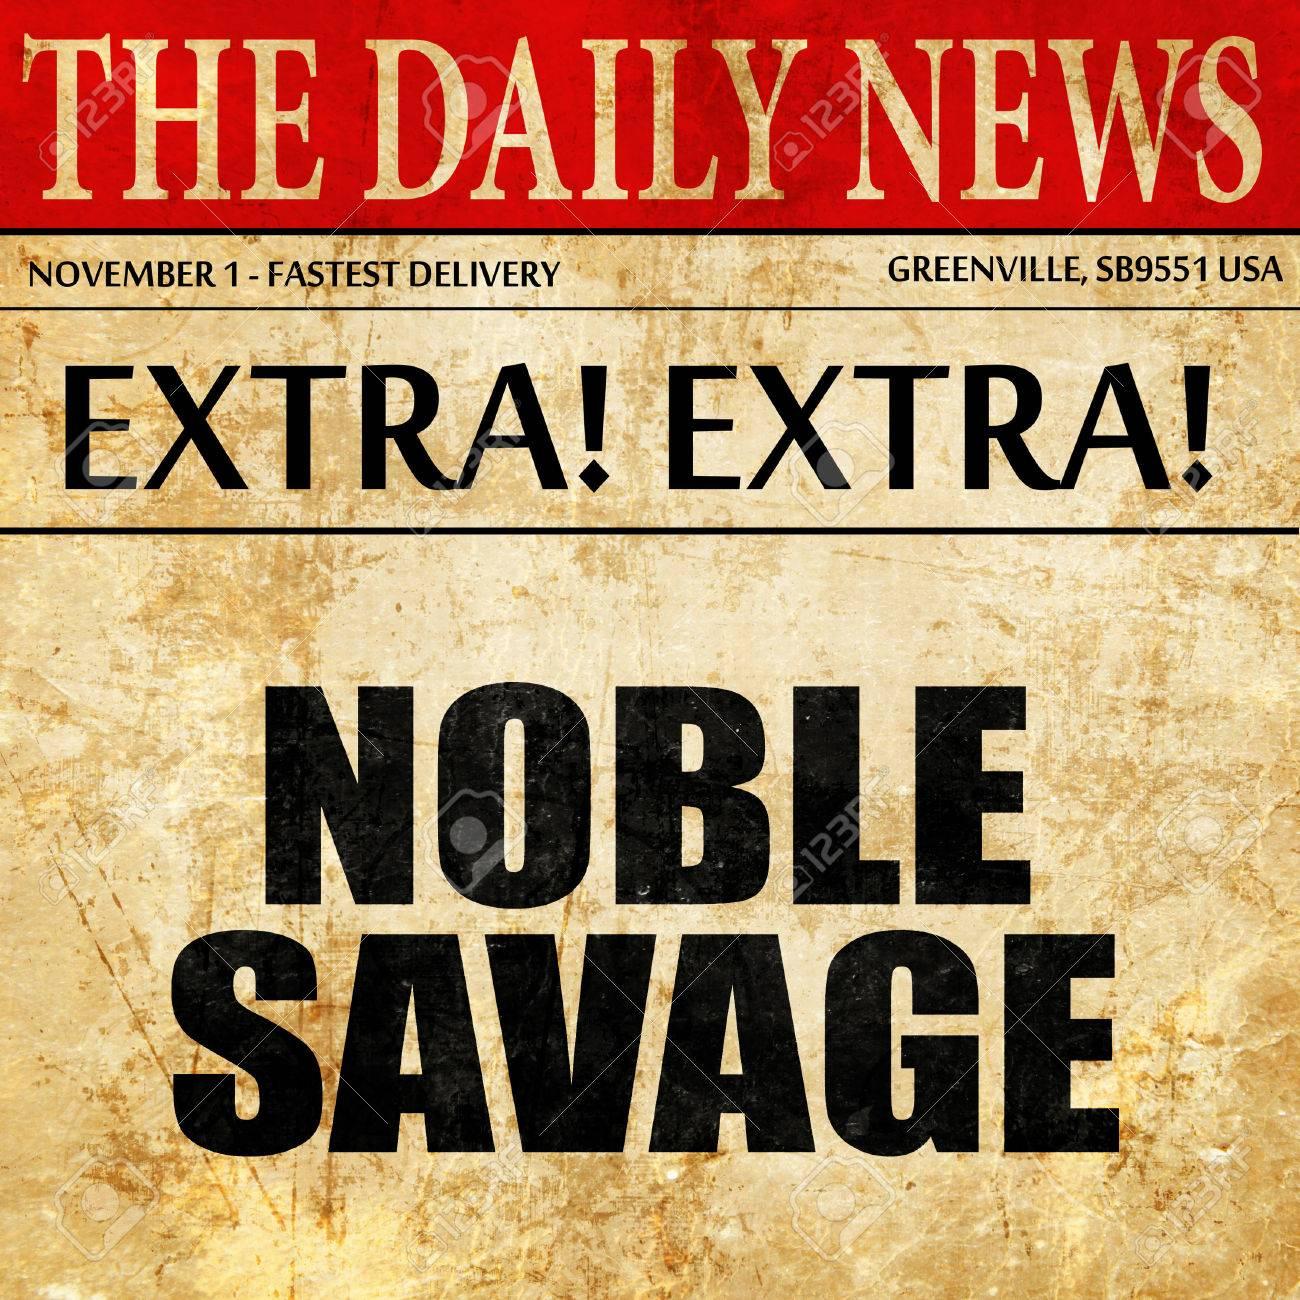 新聞で高貴な野蛮人、記事のテキスト の写真素材・画像素材 Image ...